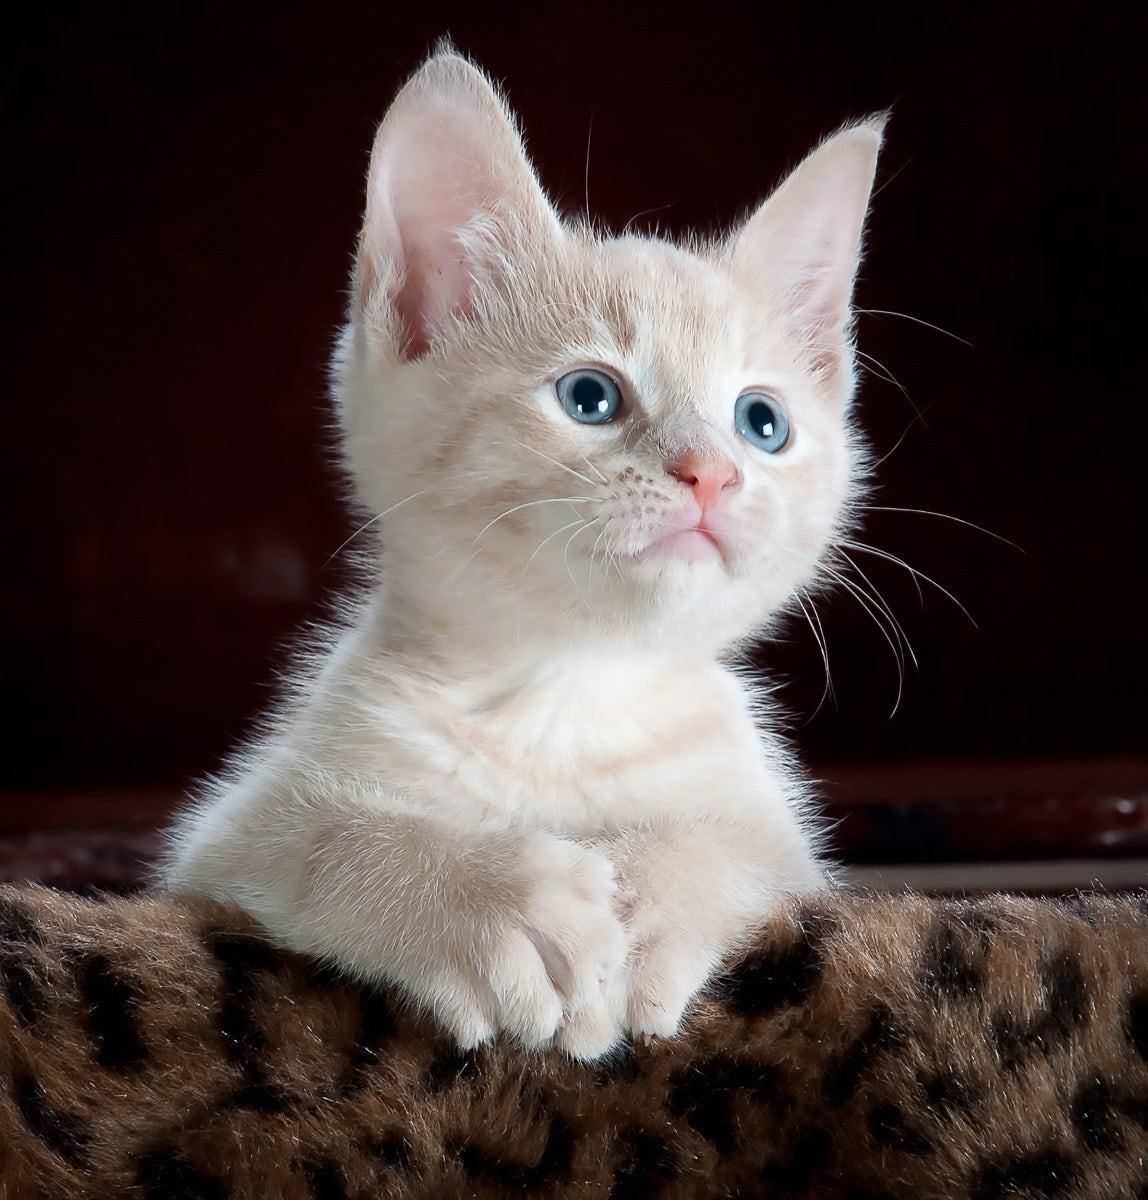 Flash photo of kitten